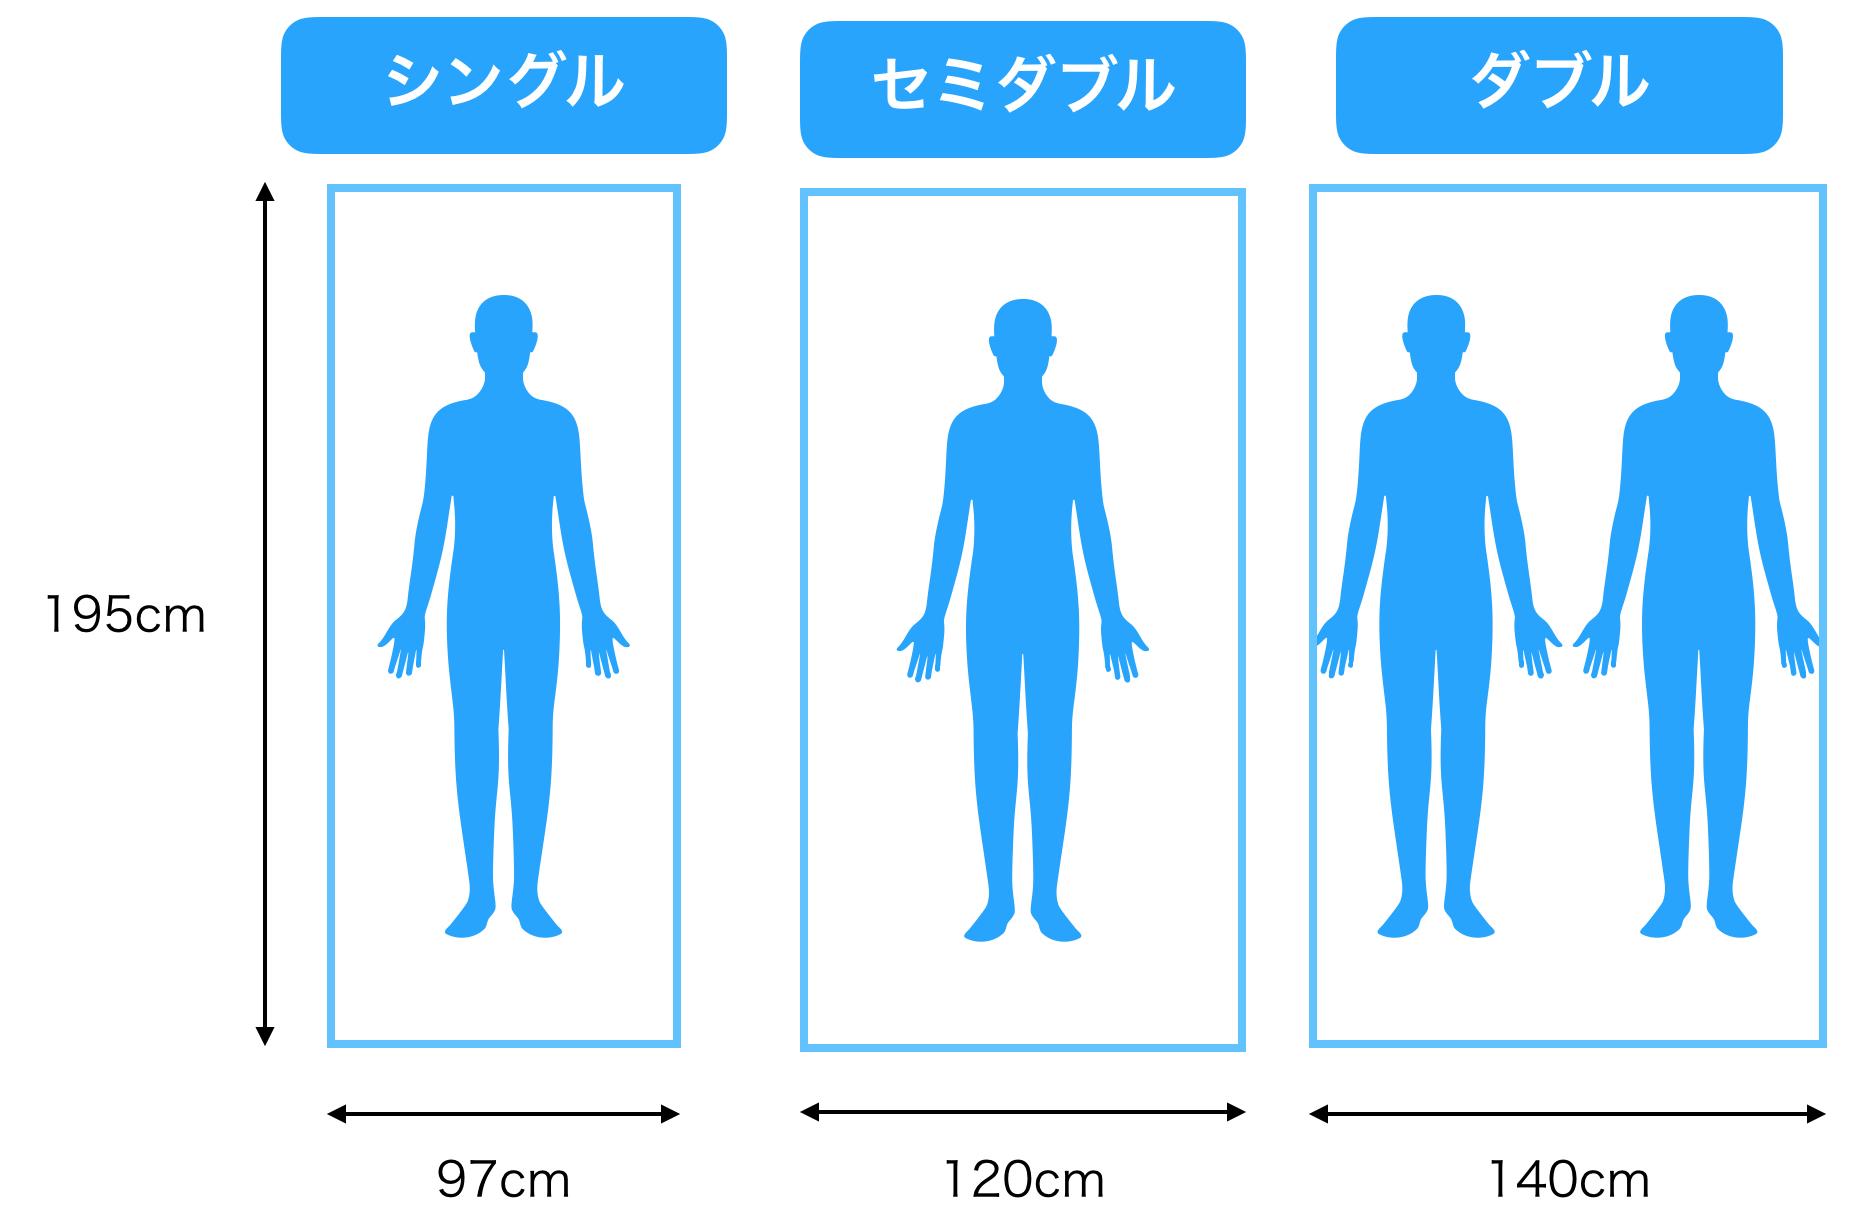 モットンのサイズ「シングル」「セミダブル」「ダブル」